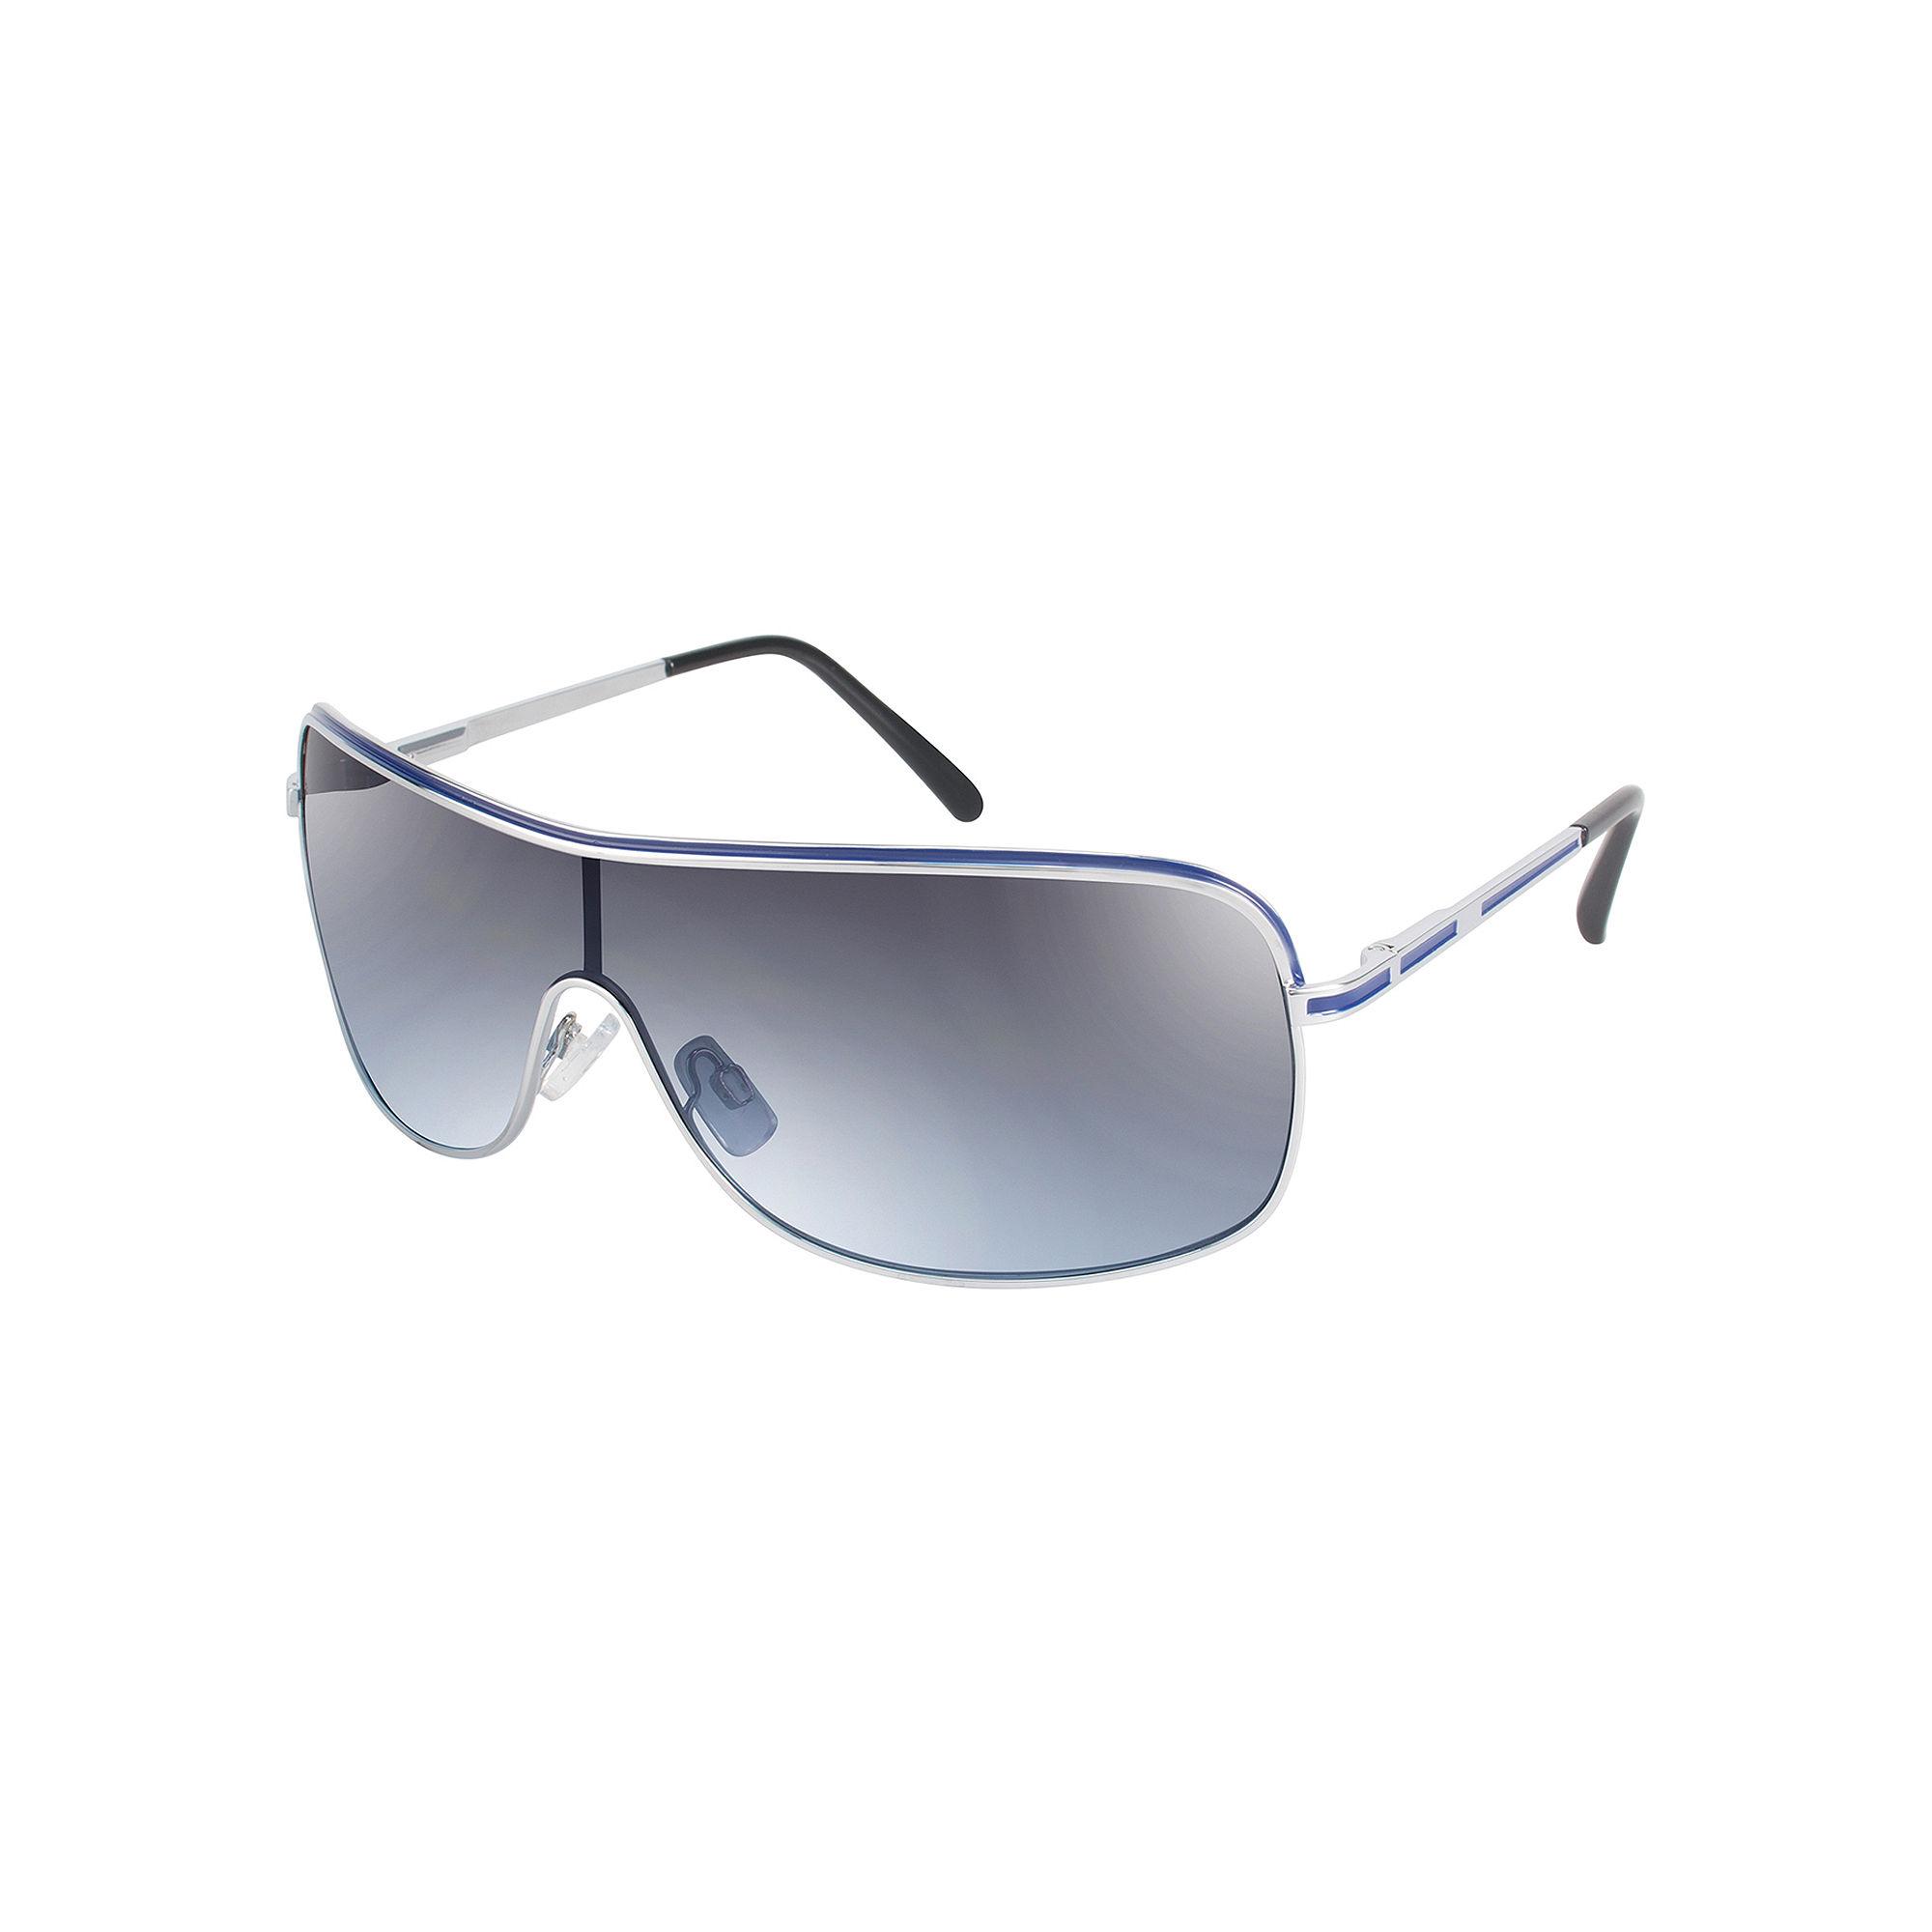 Arizona Shield Sunglasses